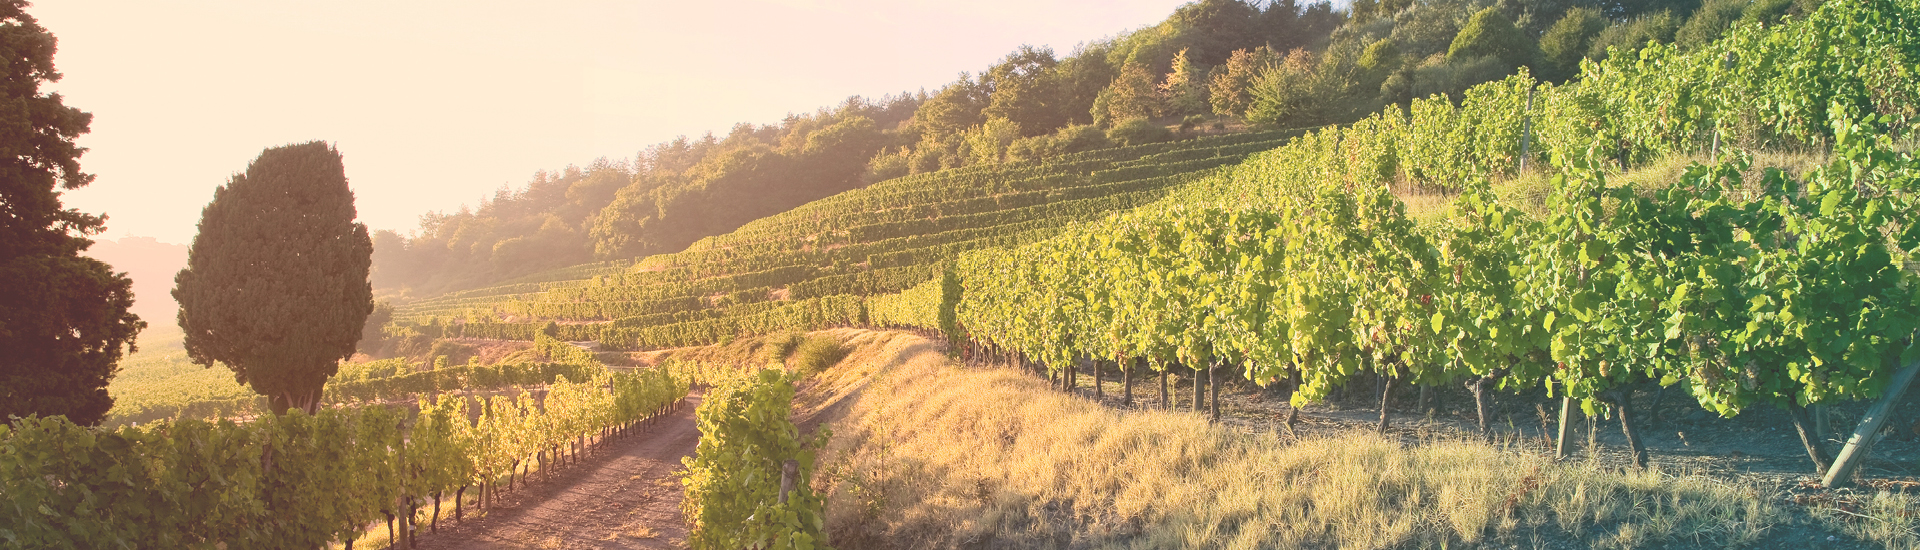 Weine - Bordeaux-Weine aus dem Top-Jahrgang 2015 03/2019 - Slider